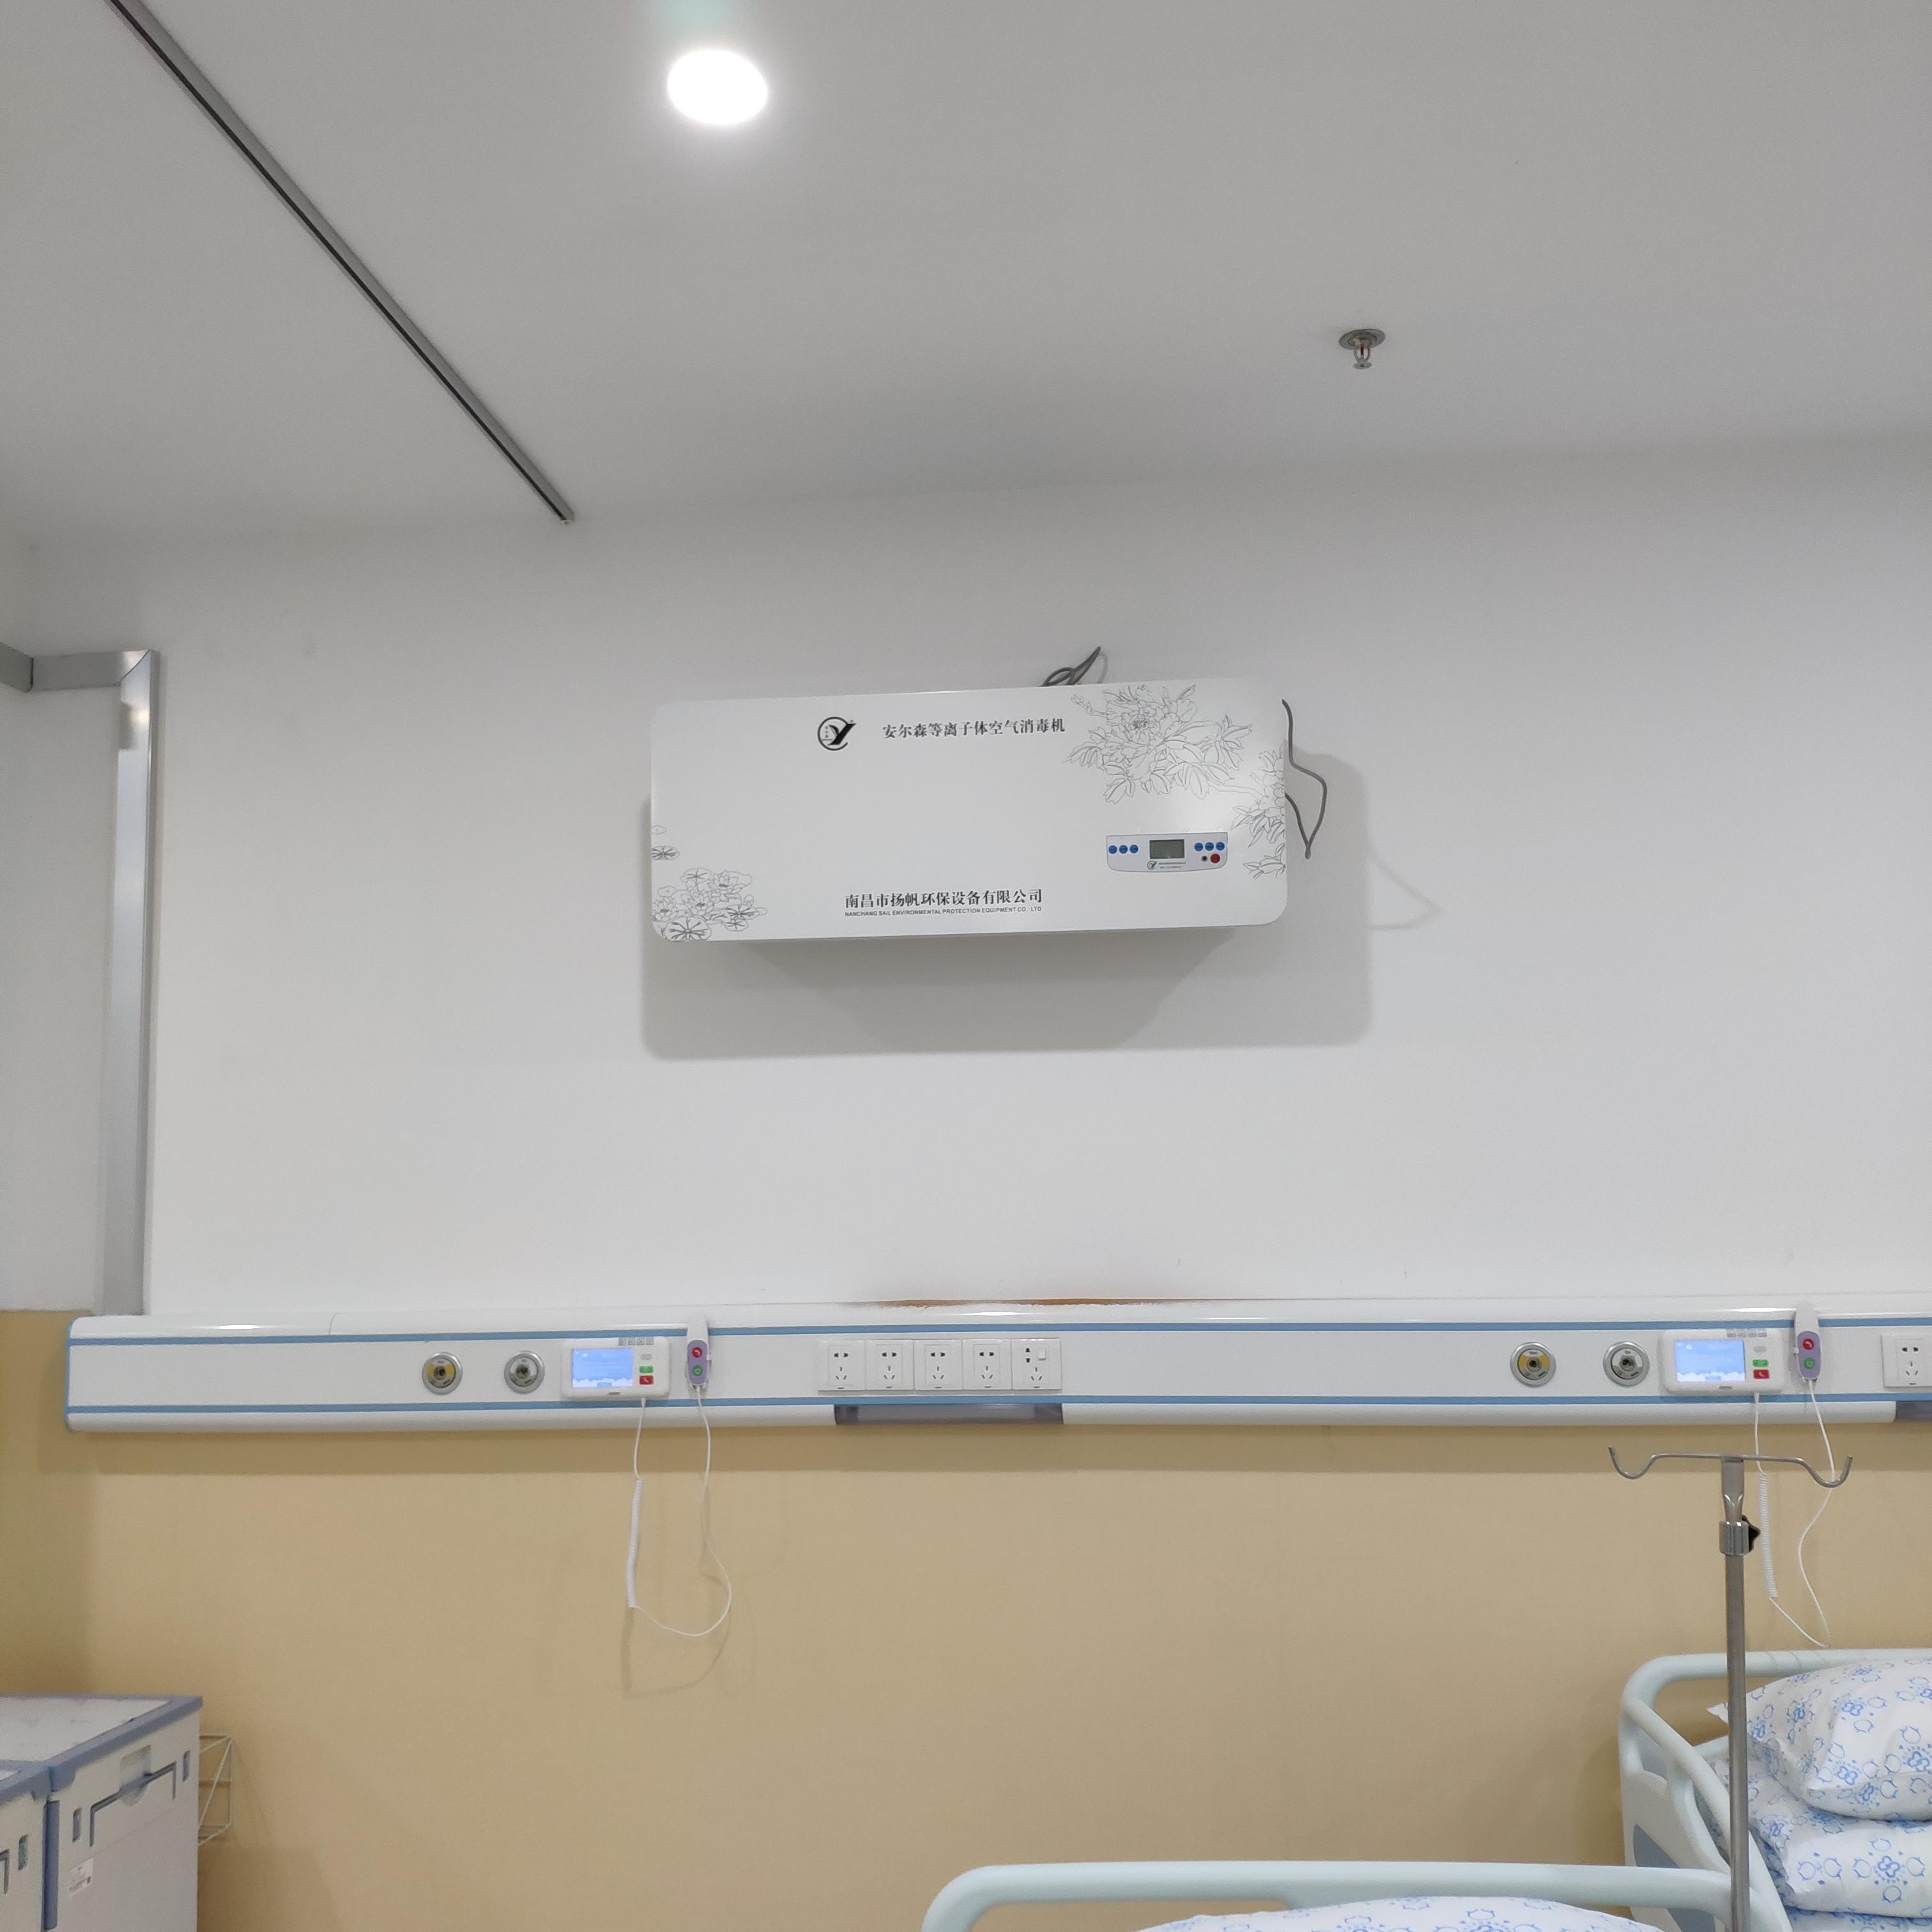 安尔森等离子医用空气消毒机